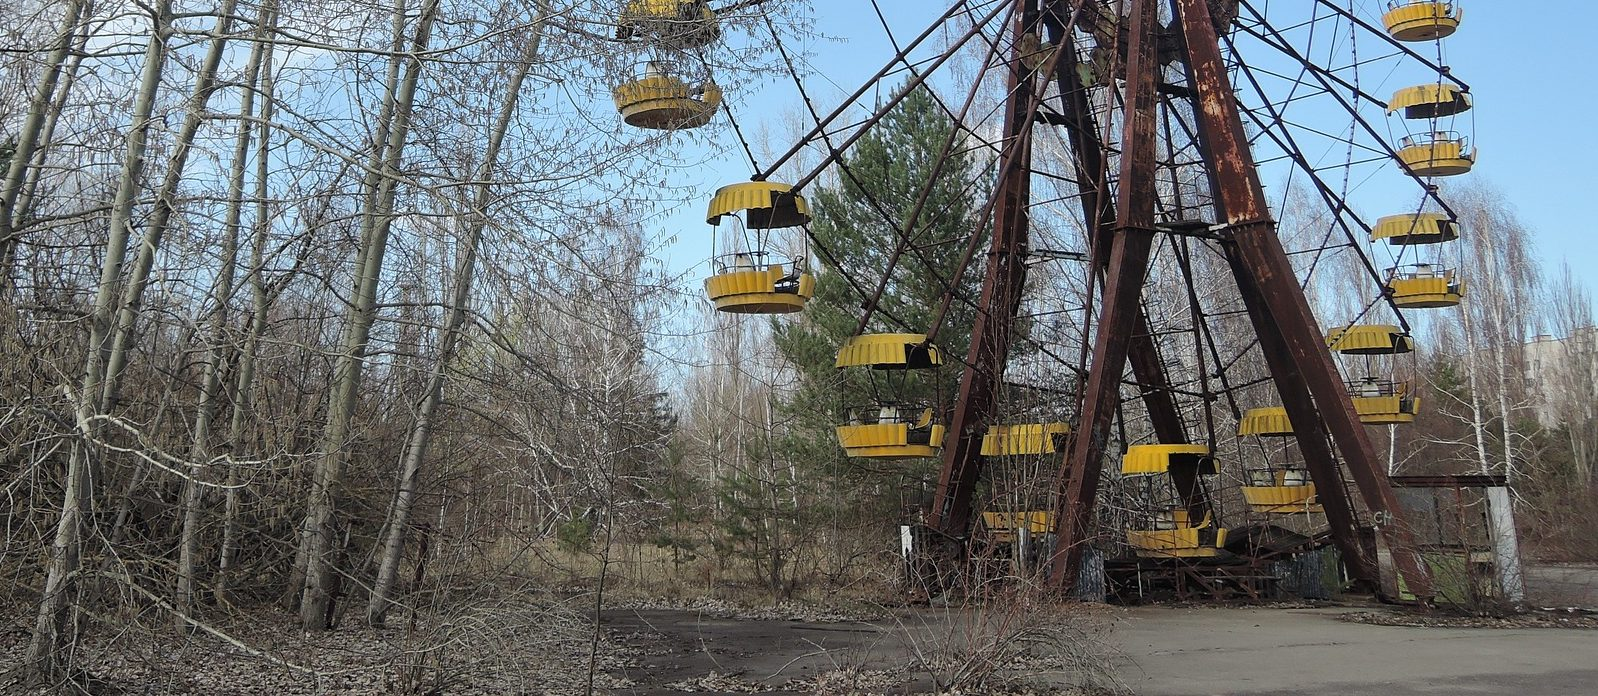 La radiación sigue siendo un factor determinante en el ecosistema de Chernóbil